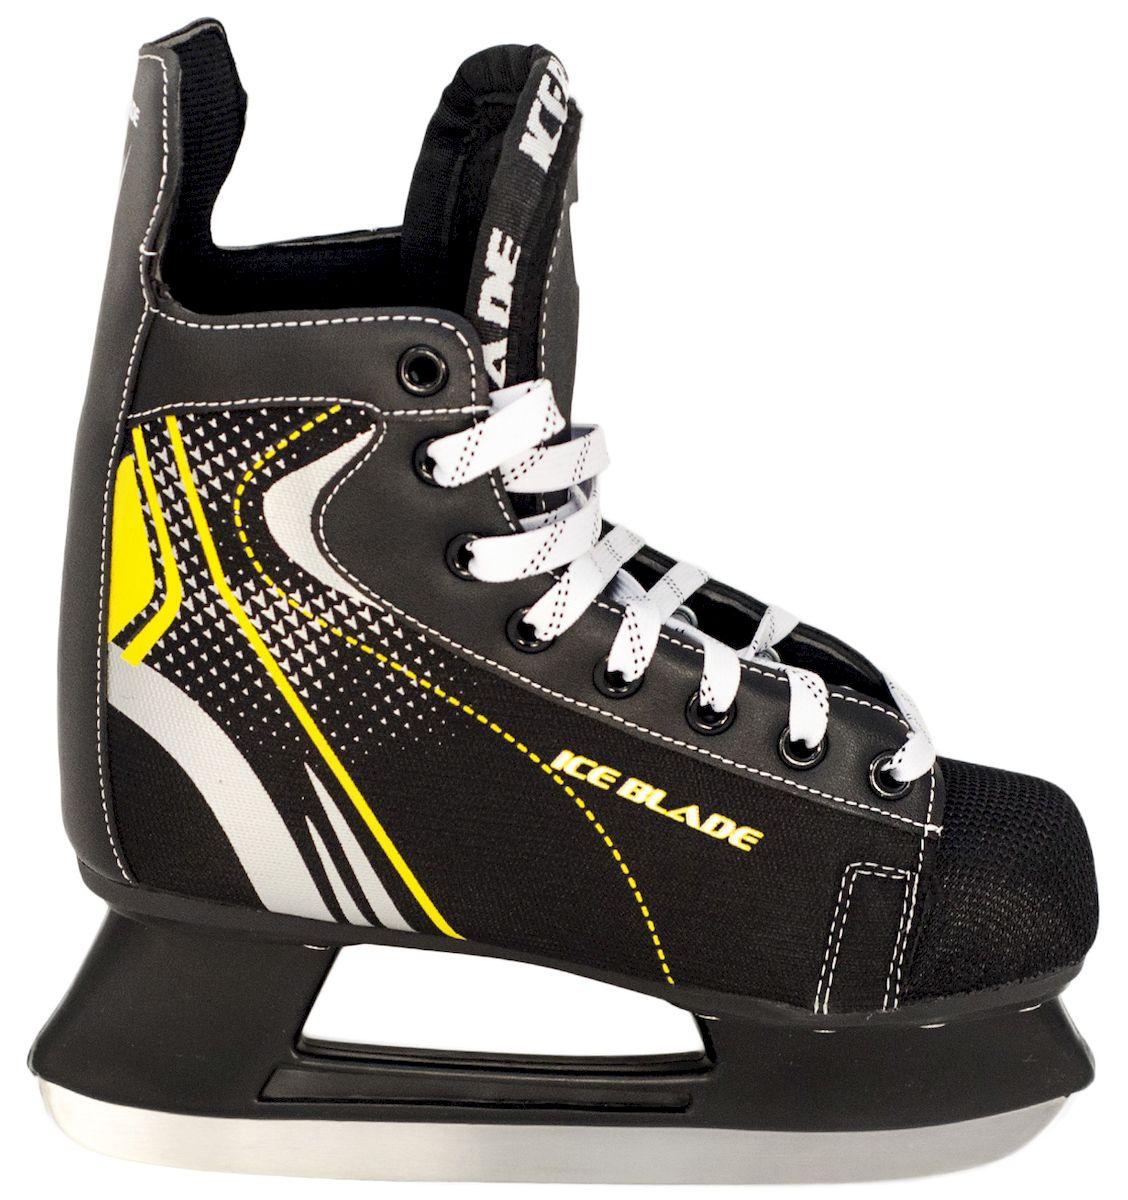 Коньки хоккейные Ice Blade Shark, цвет: черный, желтый. УТ-00006841. Размер 34УТ-00006841Коньки хоккейные Shark имеют модный яркий дизайн, поэтому данная модель очень популярна у любителей хоккея.Ботинок выполнен из искусственной кожи, высокопрочной нейлоновой ткани и ударостойкого пластика. Лезвие изготовлено из высокоуглеродистой стали с покрытием из никеля, что гарантирует прочность и долговечность. В качестве внутренней отделки используется вельветин с утеплителем. Коньки поставляются с заводской заточкой лезвия, что позволяет сразу приступить к катанию, не тратя время и денег на заточку. Коньки подходят для использования на открытом и закрытом льду.Удобная система фиксации ноги и улучшенная колодка сделают катание комфортным и безопасным.